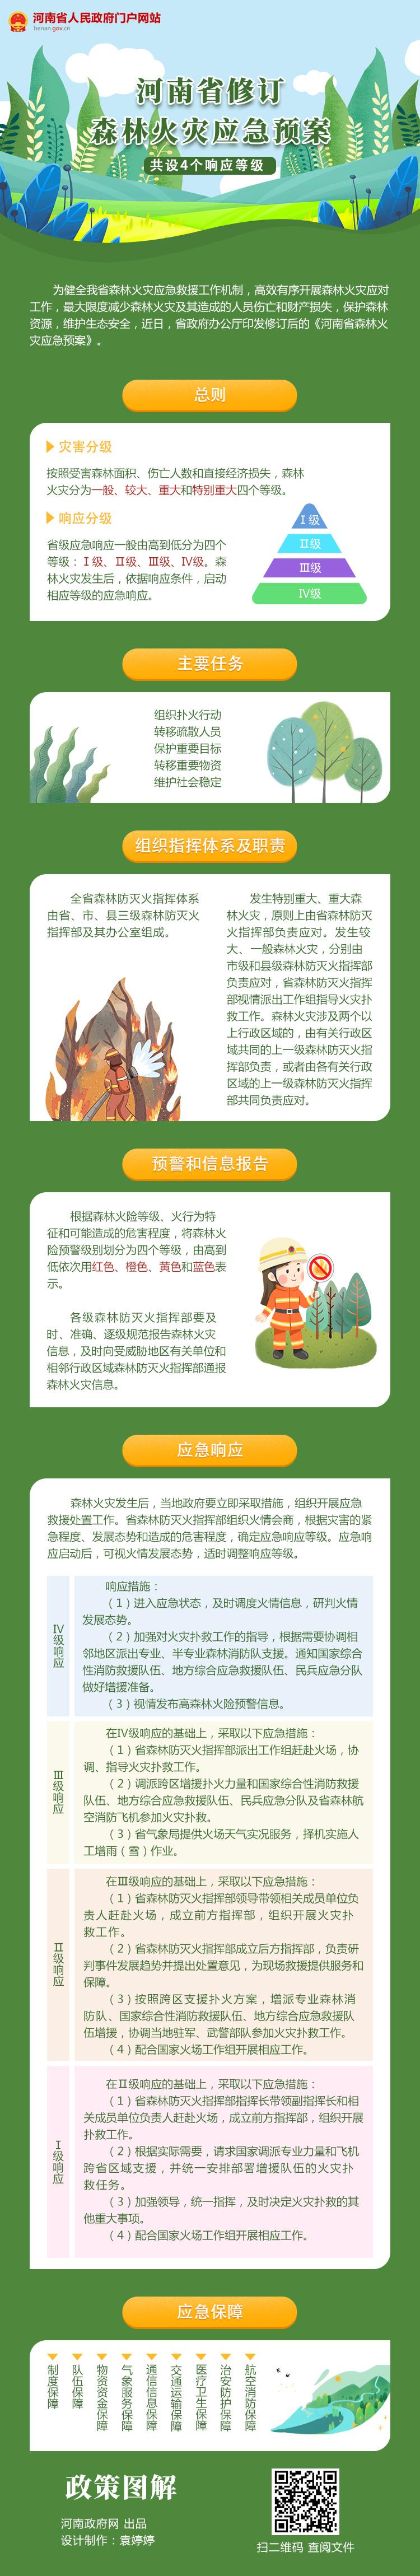 河南省修订森林火灾应急预案 共设四个响应等级